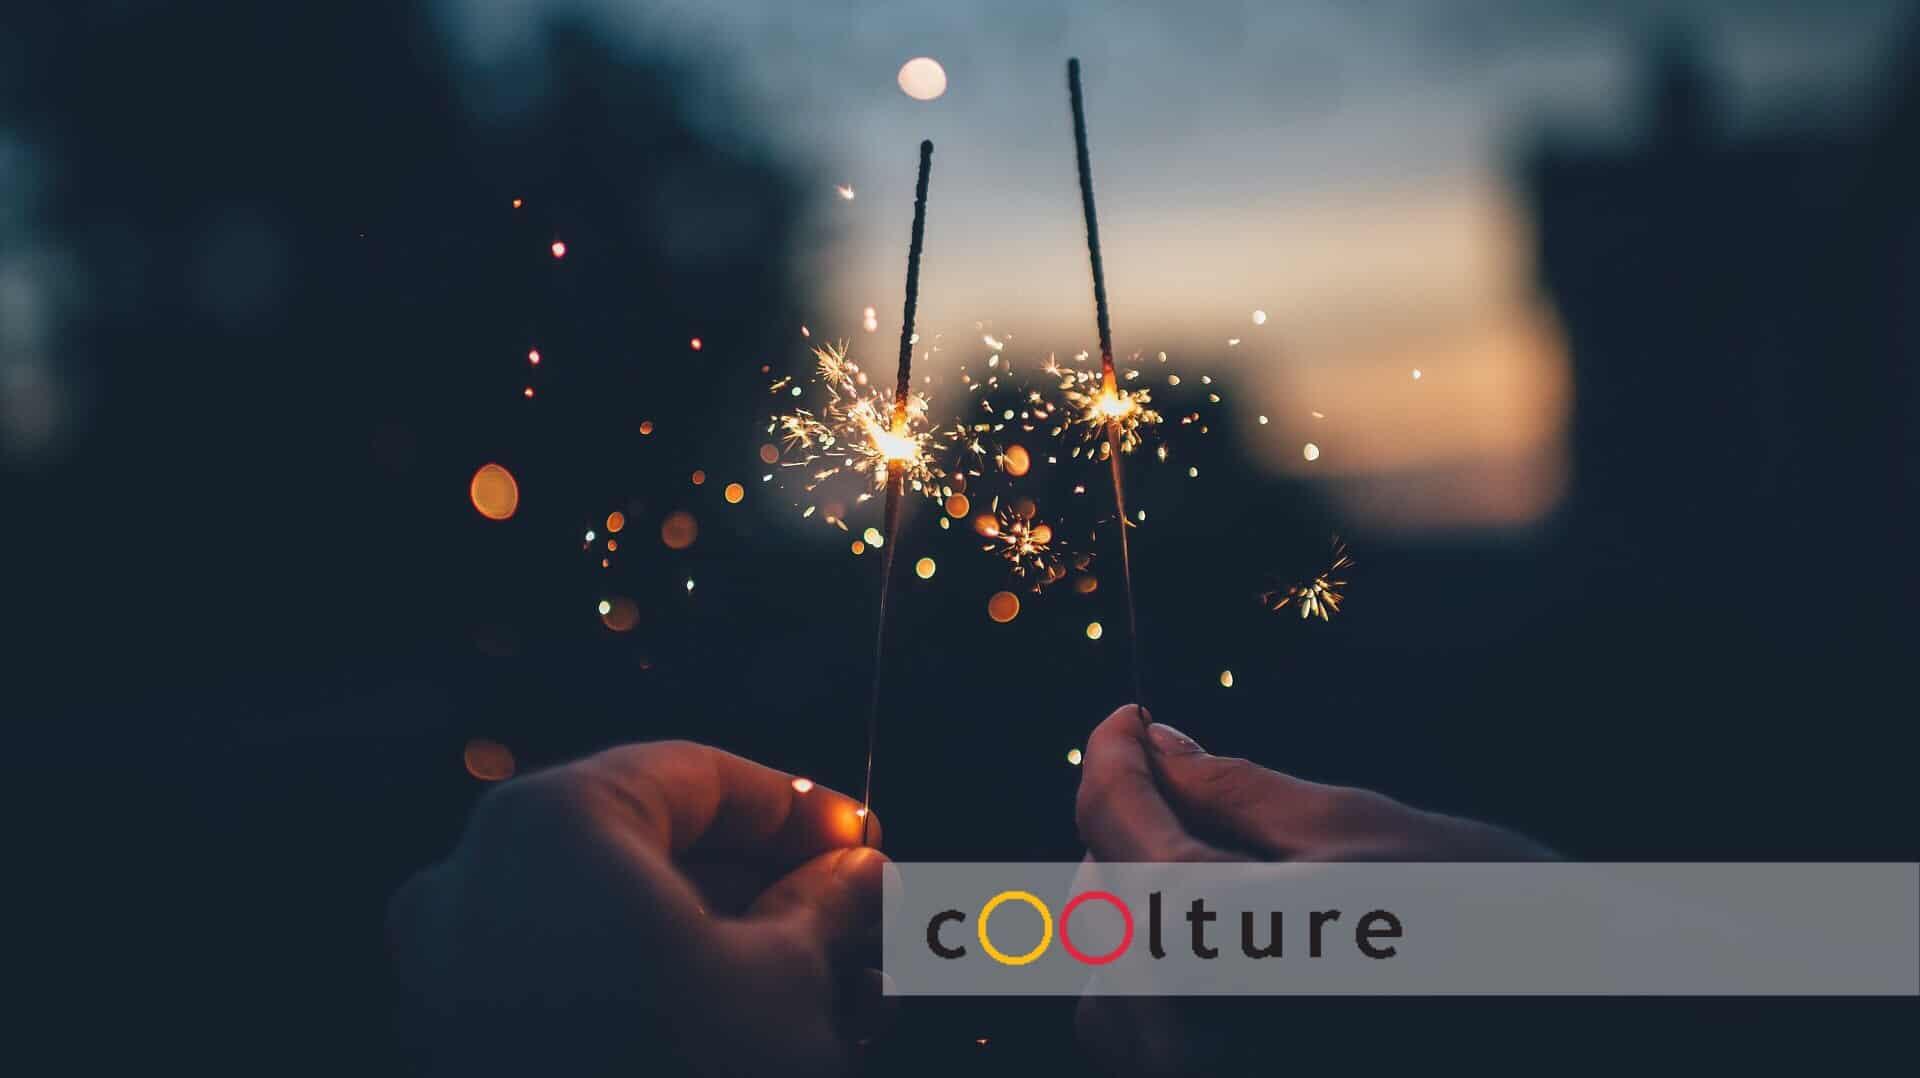 A Coolture preparou um guia com os melhores locais para o Réveillon 2018-2019